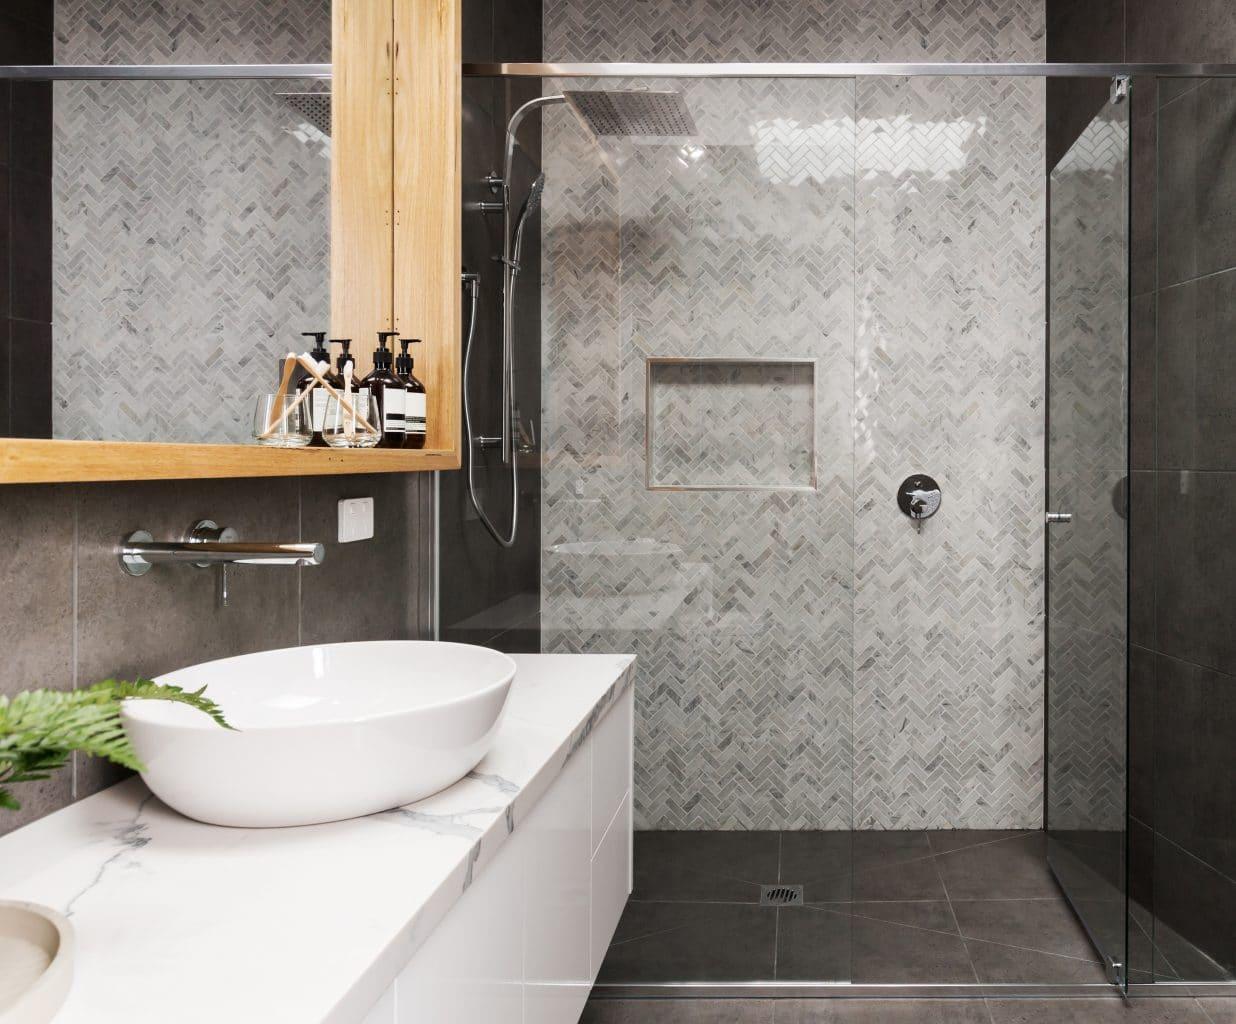 rénovation de salle de bain par illiCO travaux Rambouillet Est - Vallée de Chevreuse